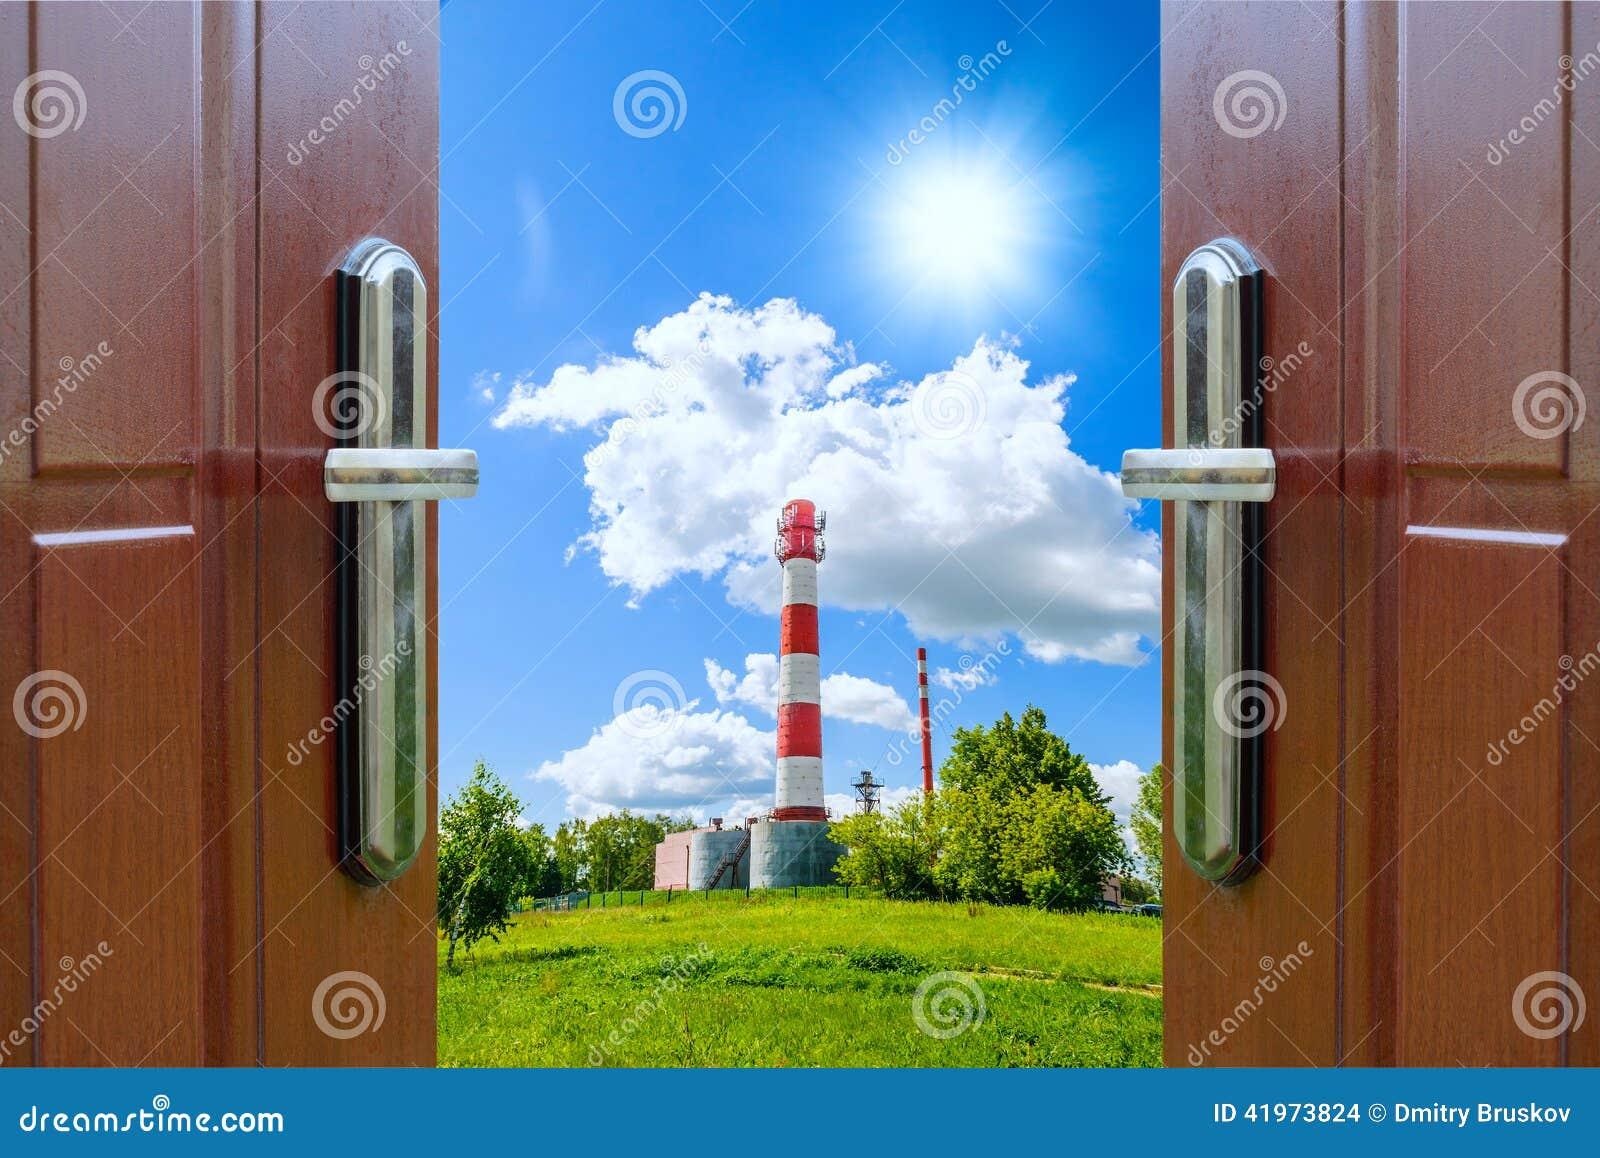 Porta aperta con del prato verde illuminato da sole for Porta aperta